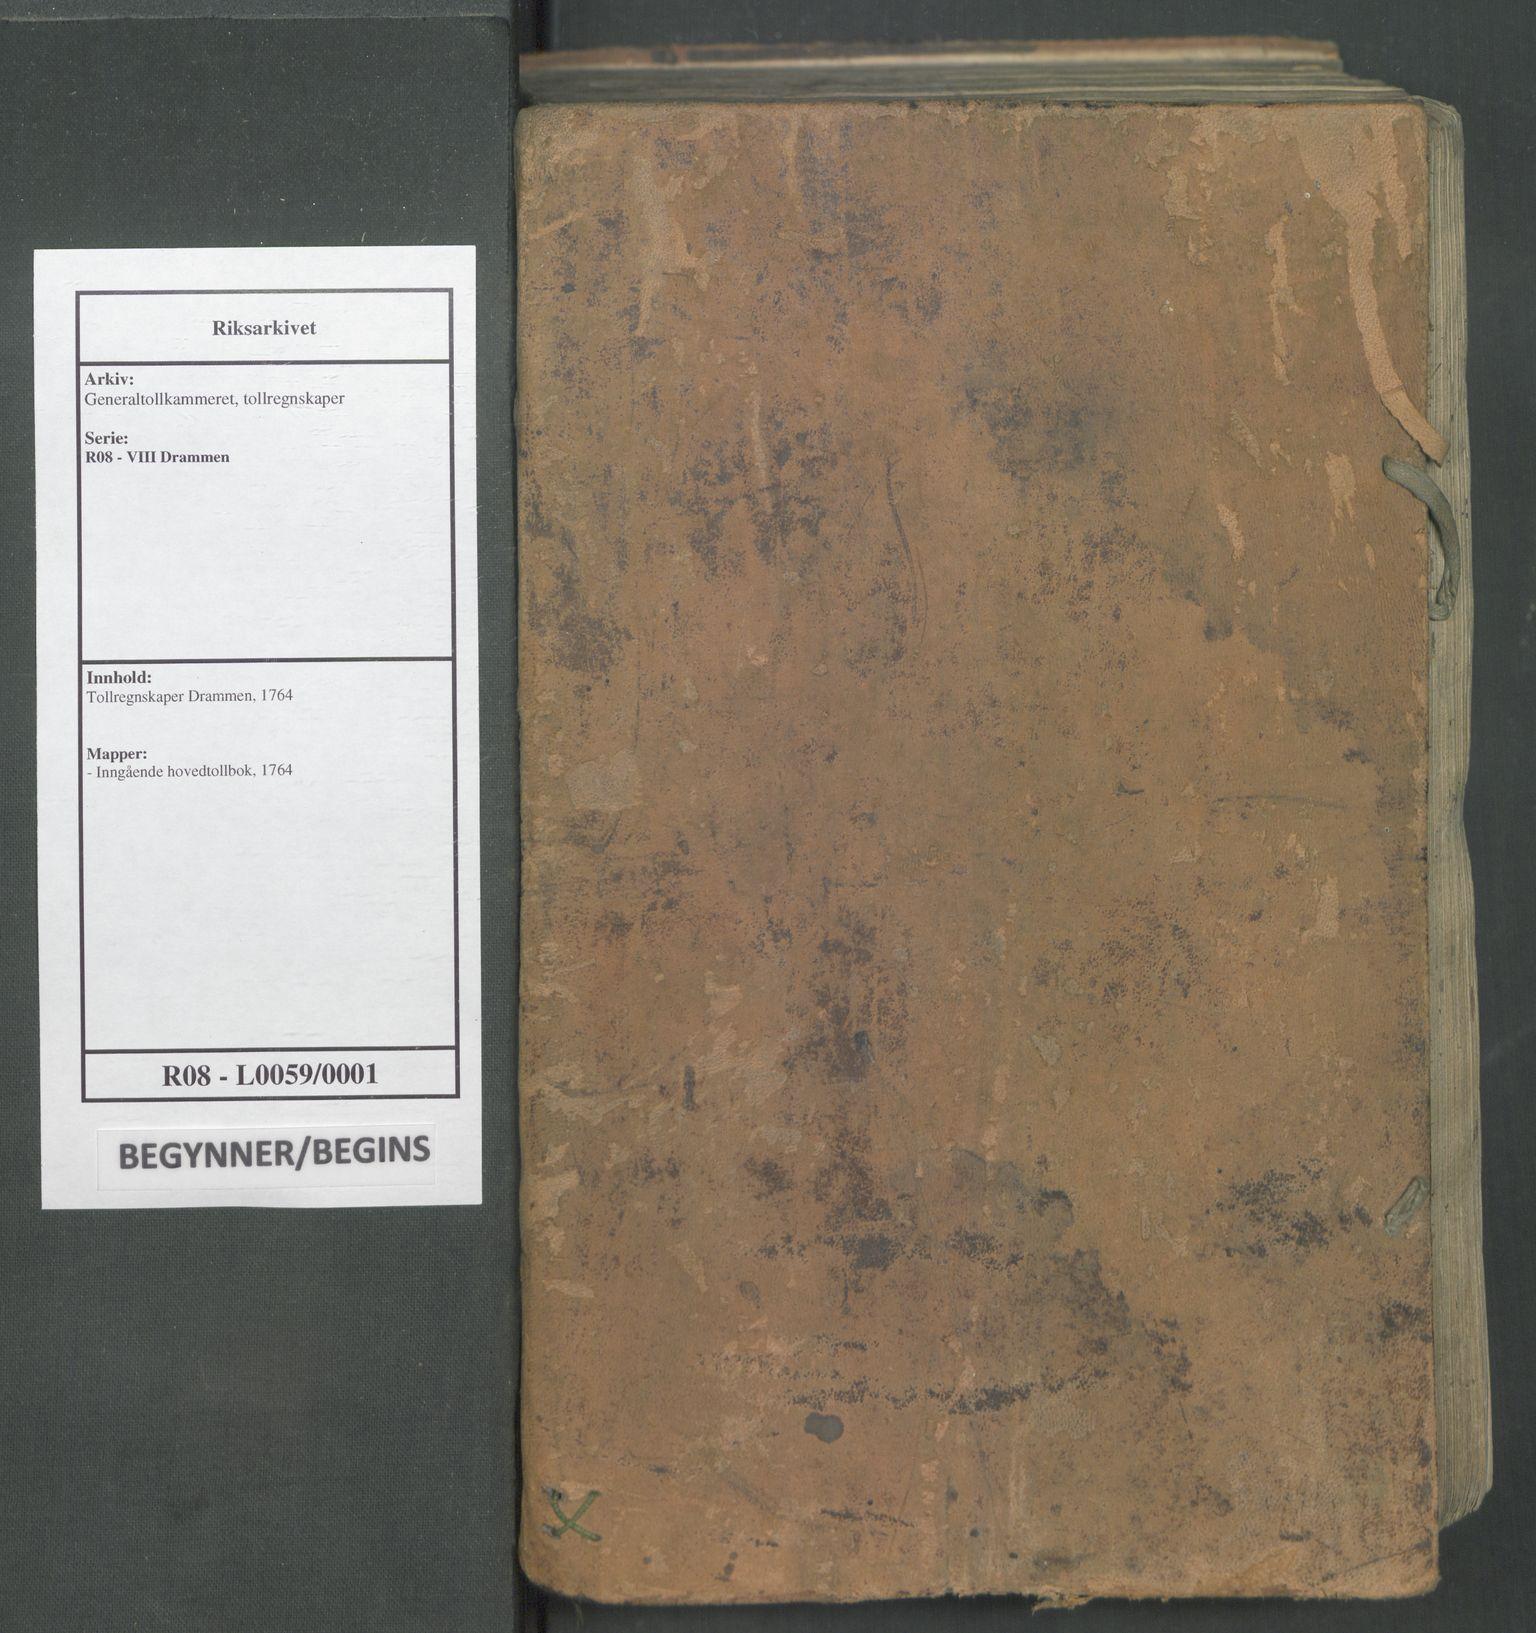 RA, Generaltollkammeret, tollregnskaper, R08/L0059: Tollregnskaper Drammen, 1764